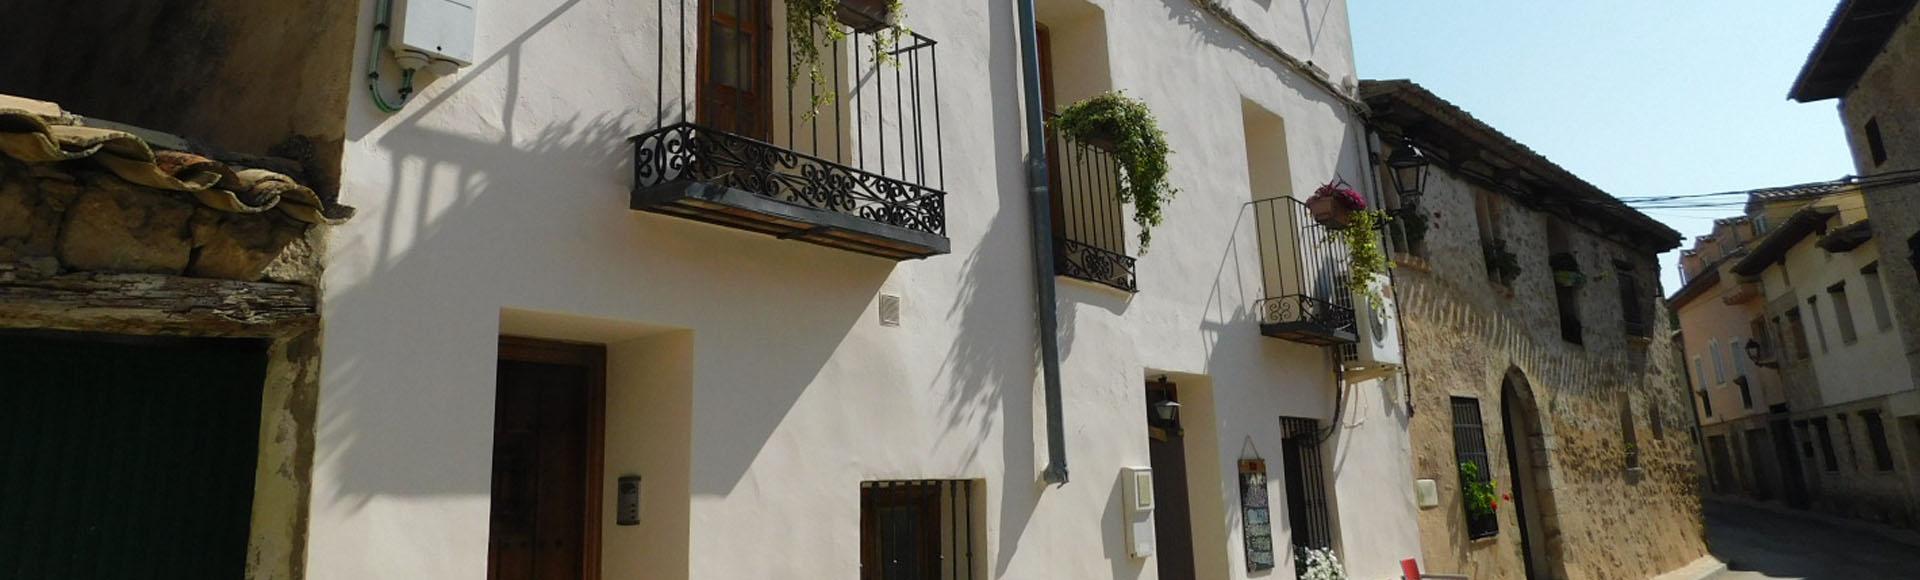 Entorno rural a 9 km de Cuenca